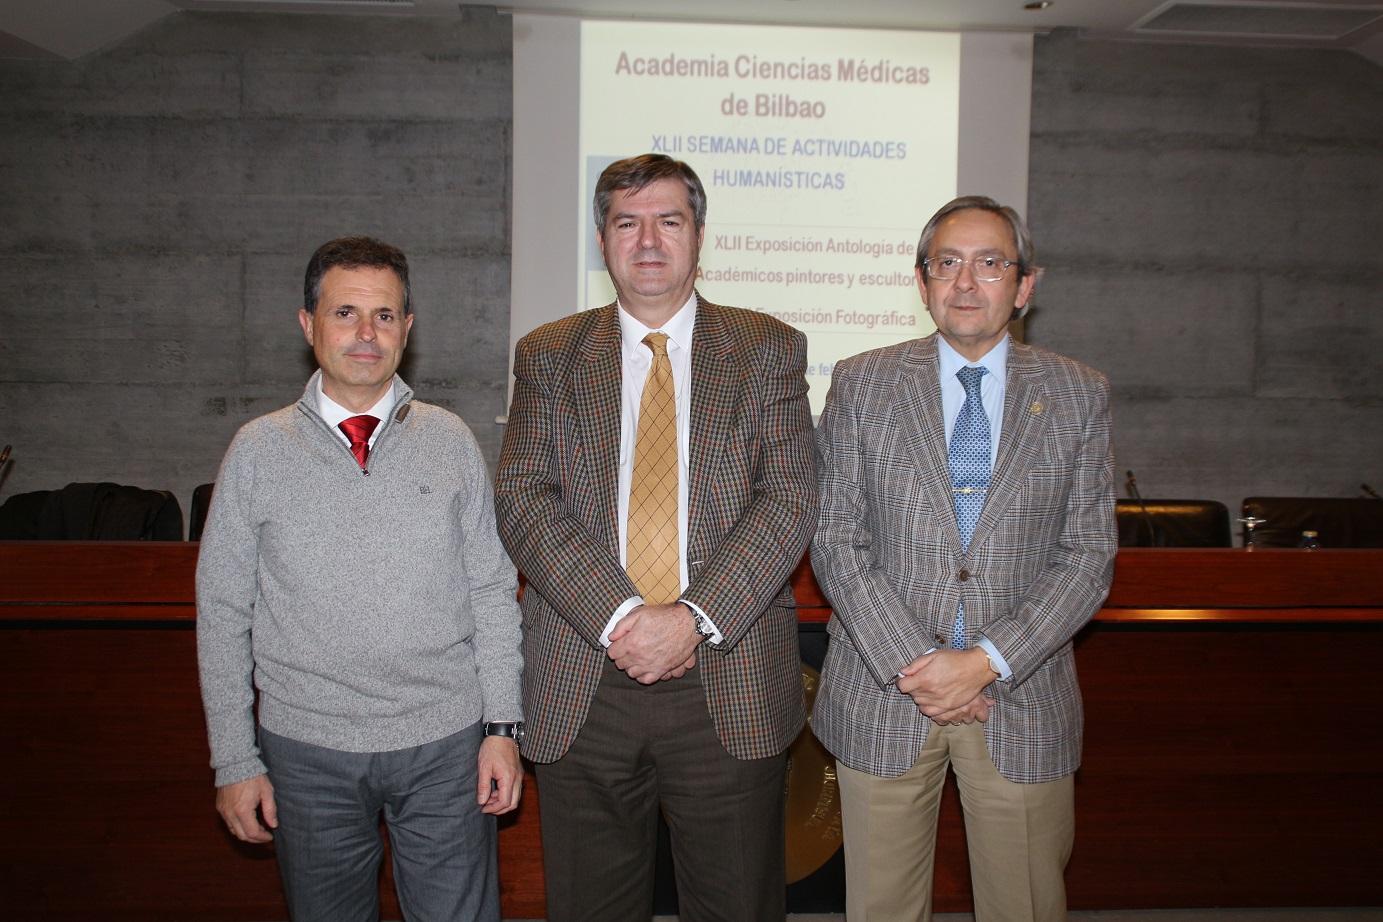 Desde la izquierda, los doctores Aitor Guisasola, Juan Carlos Coto y Juan Goiria